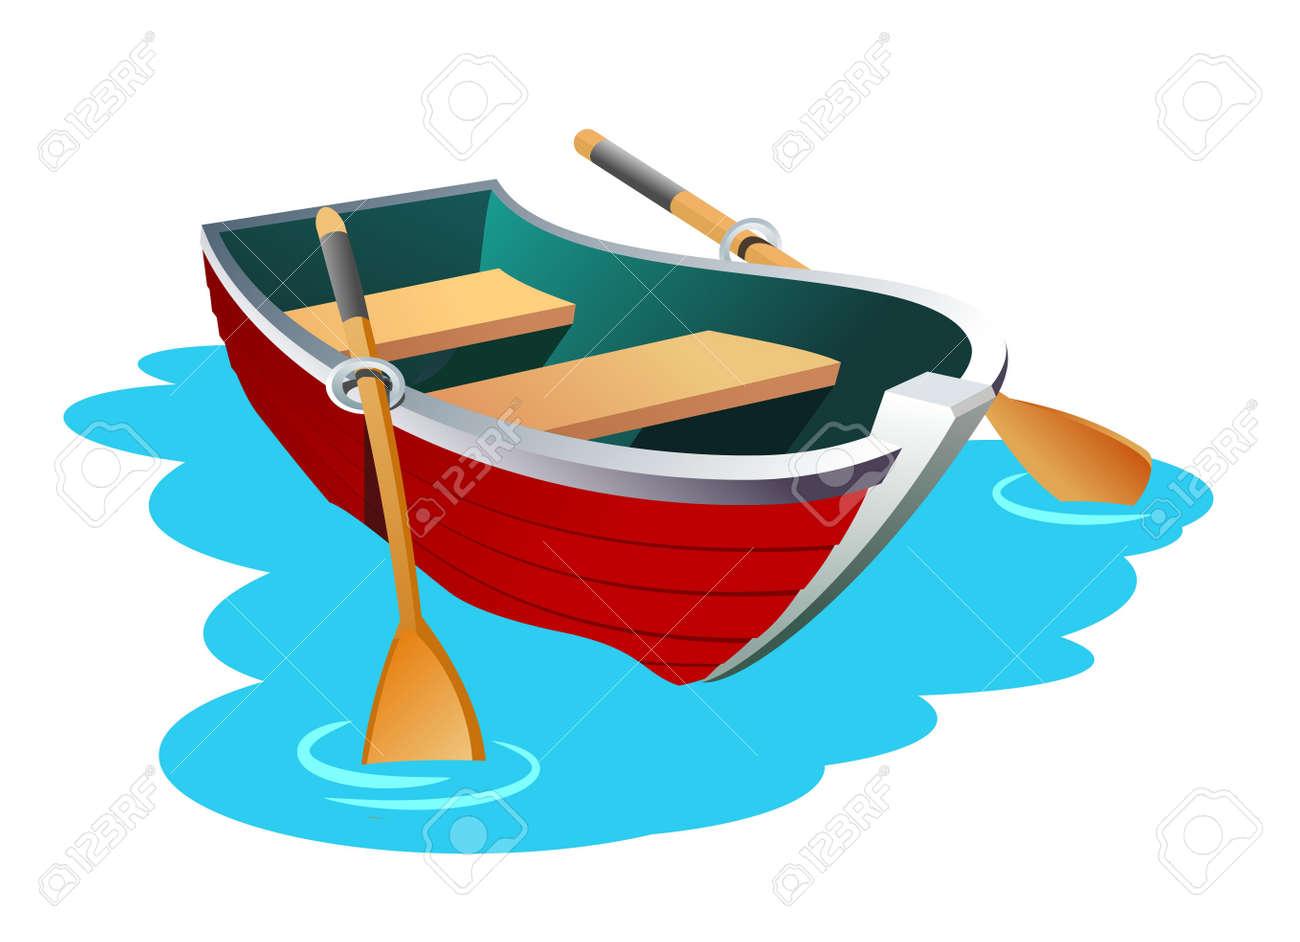 Row Boat Illustration Row Boat Boat Cartoon